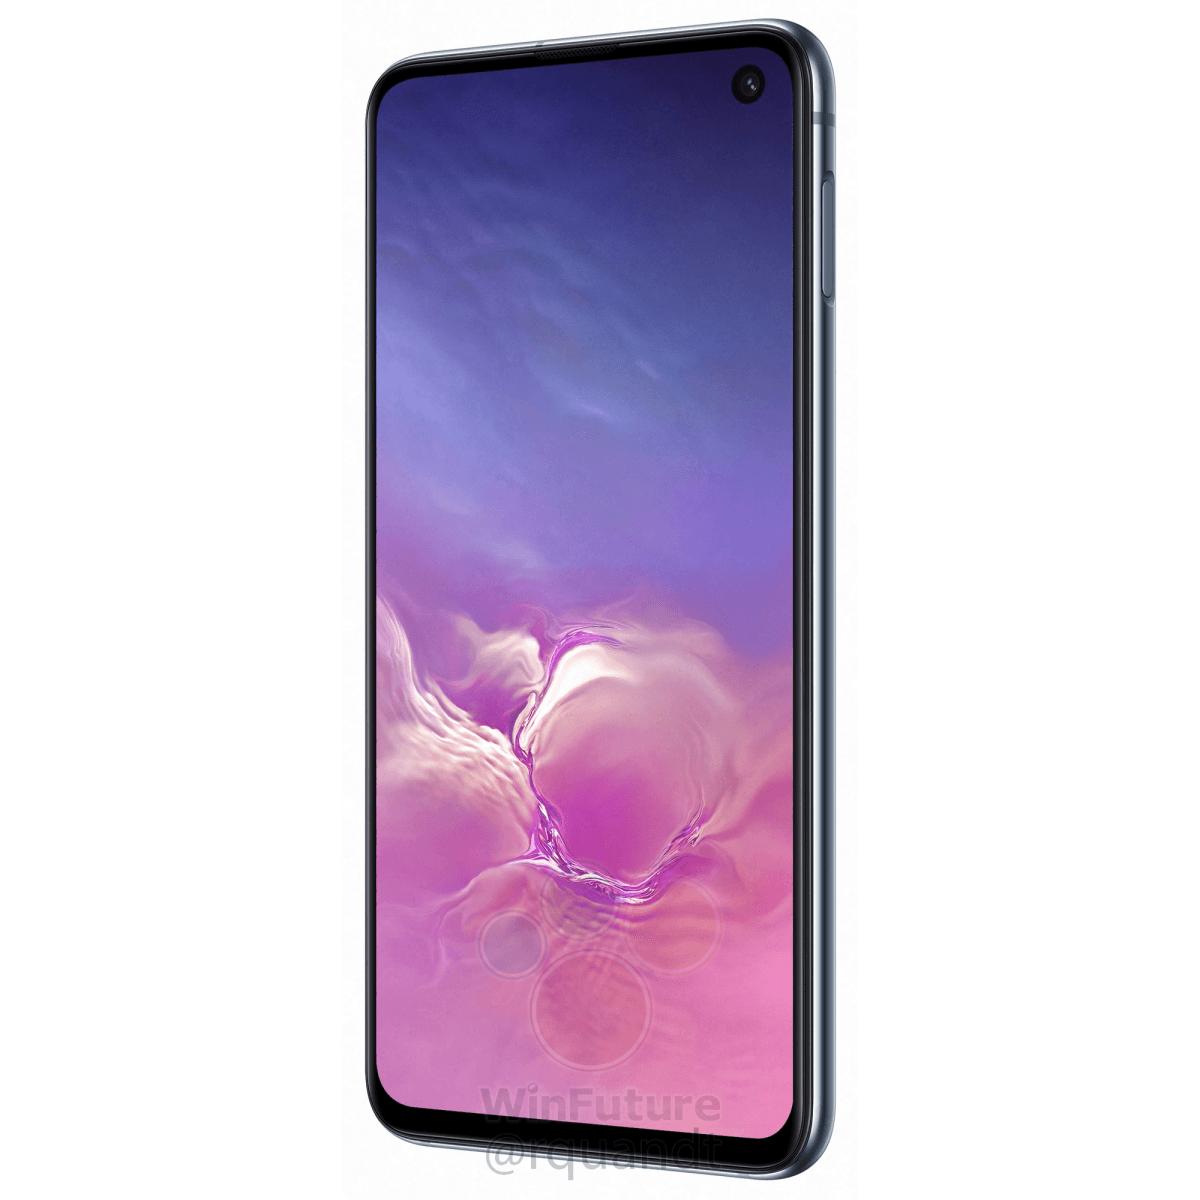 Samsung Galaxy S10 : 5G, écran Infinity-O, One UI, Exynos 9820, tout ce que l'on sait sur ses caractéristiques